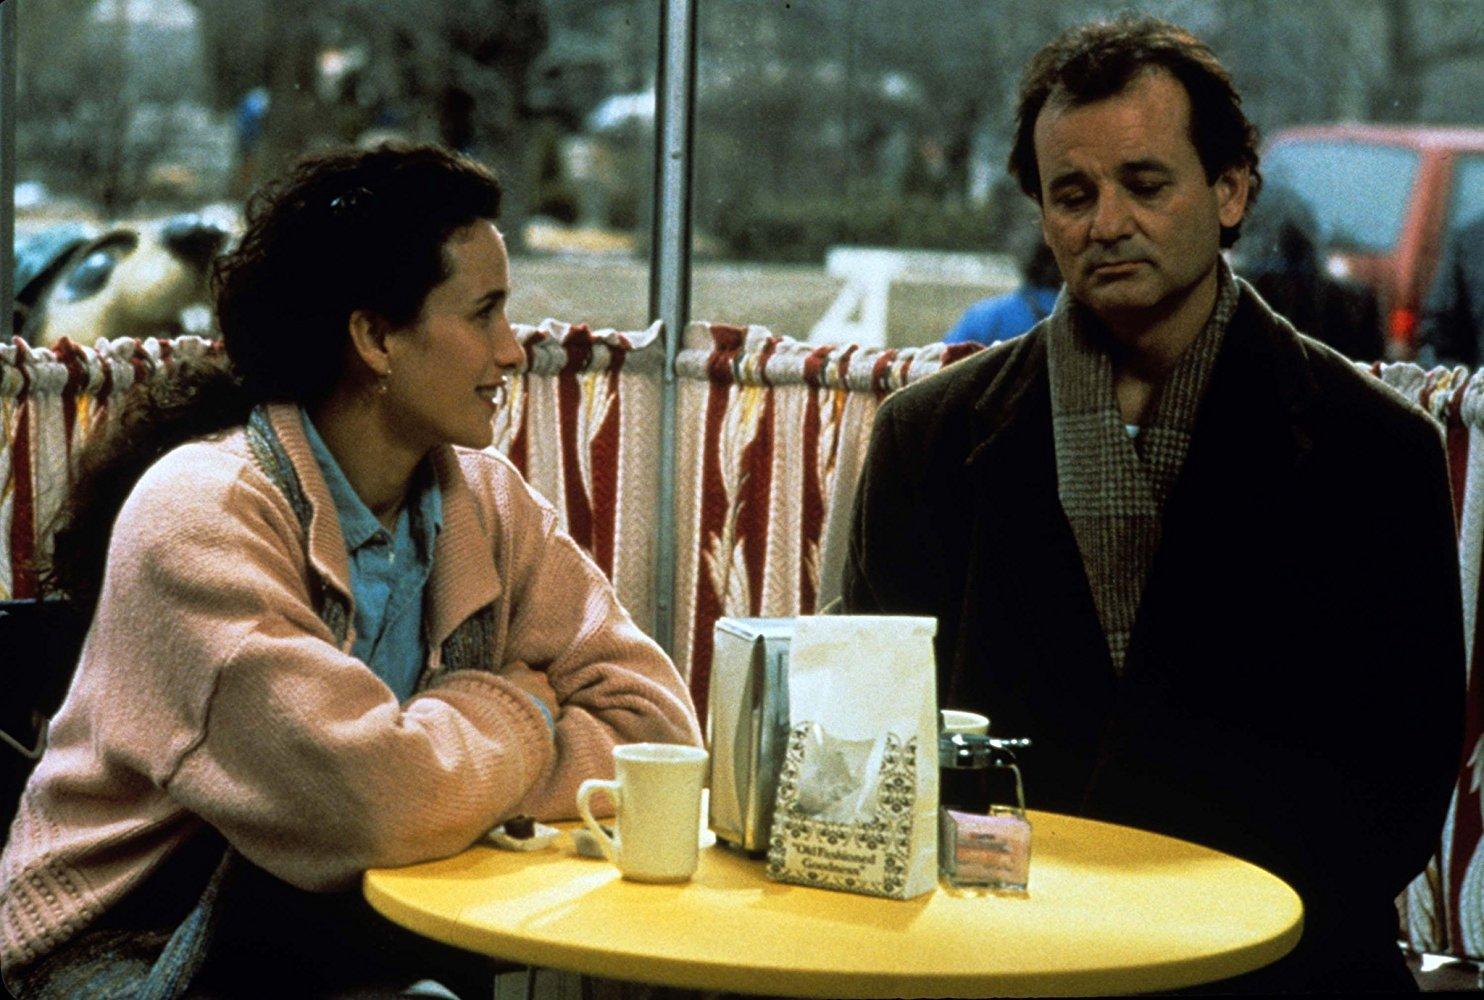 مشاهدة فيلم Groundhog Day 1993 HD مترجم كامل اون لاين